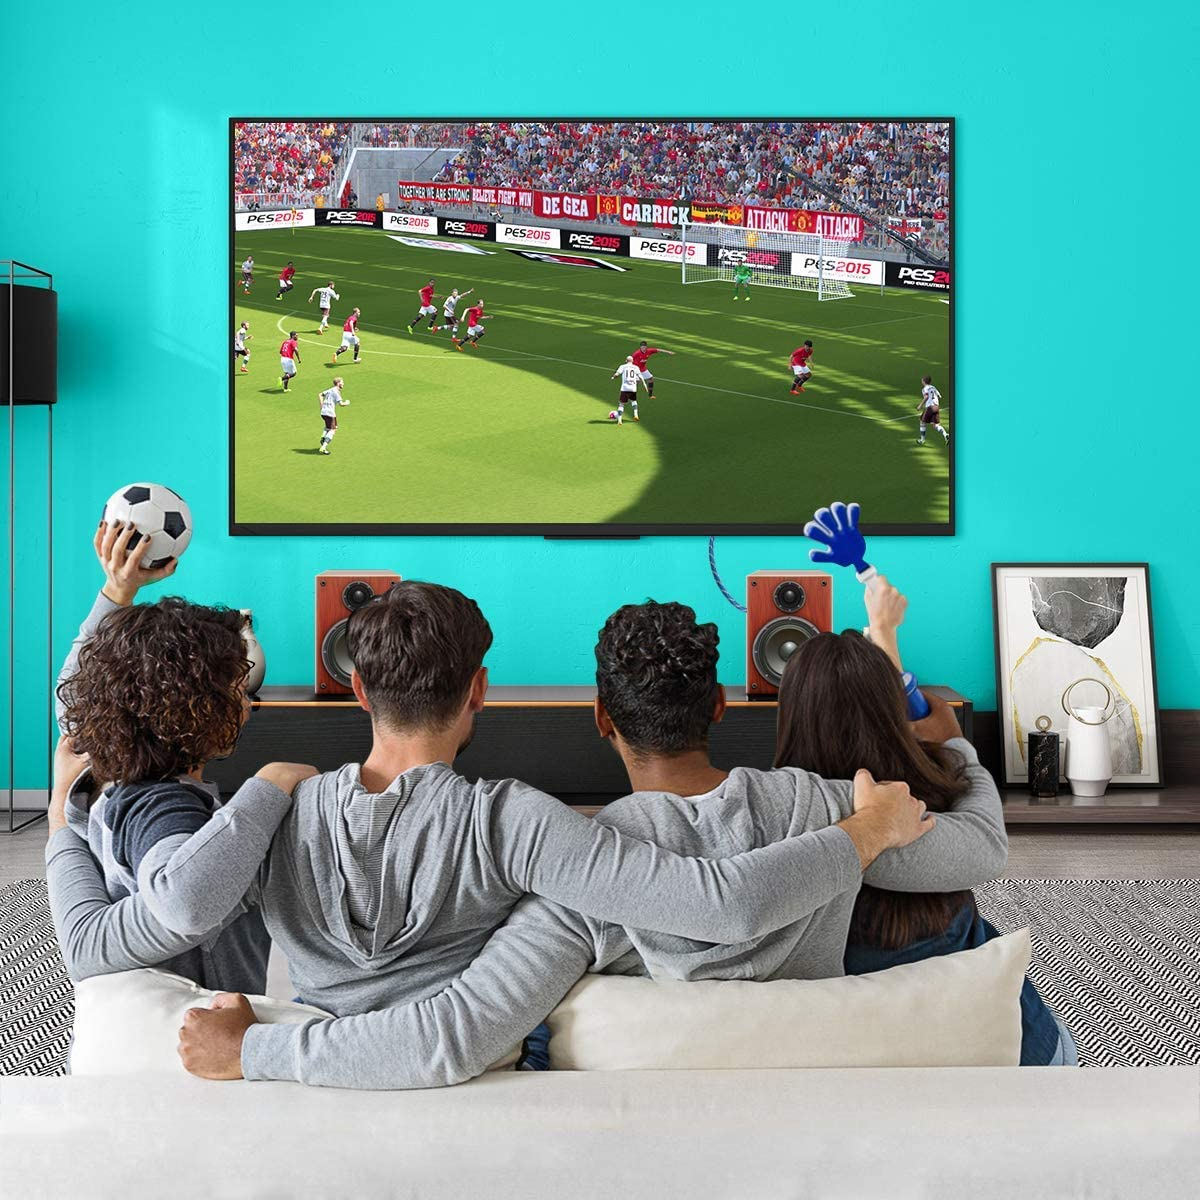 C/âble optique /à angle droit HDTV PS3//PS4 barre de son EMK 1M Prise en fibre optique optique optique /à 90 degr/és pour lecteur Blu-Ray mise /à niveau Xbox et plus